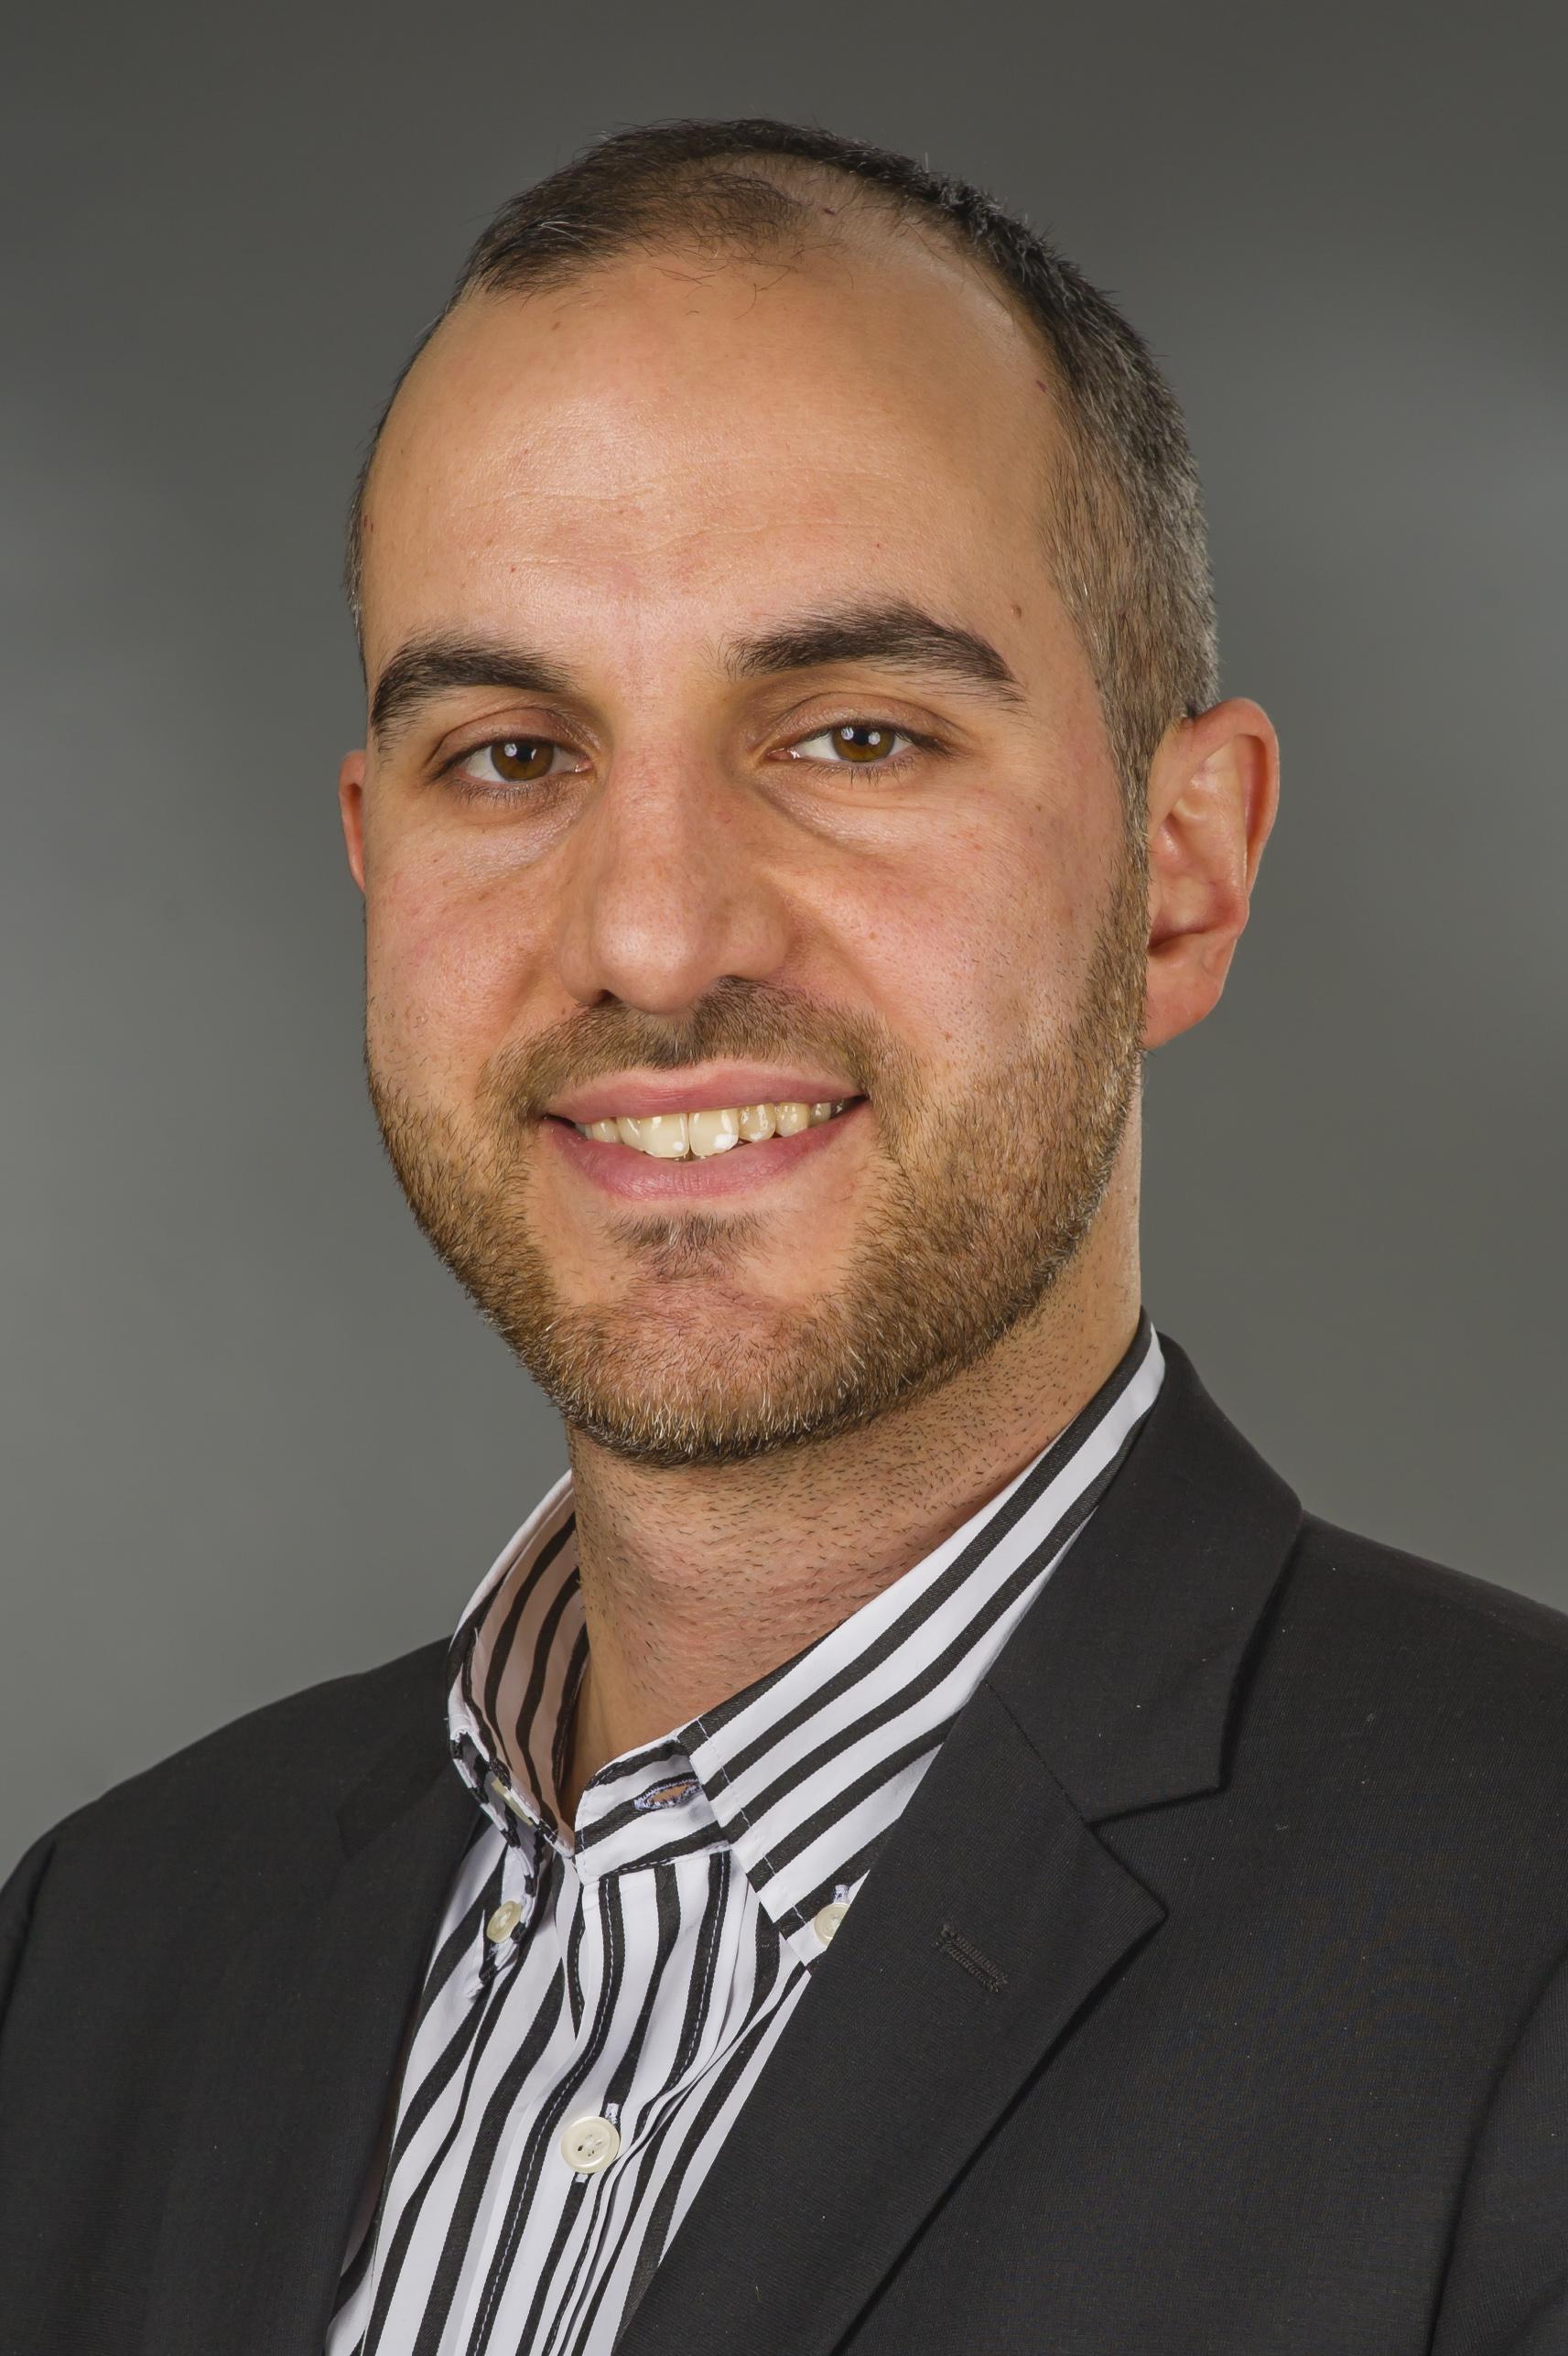 Hannover'ın yeni belediye başkanı Türkiye kökenli